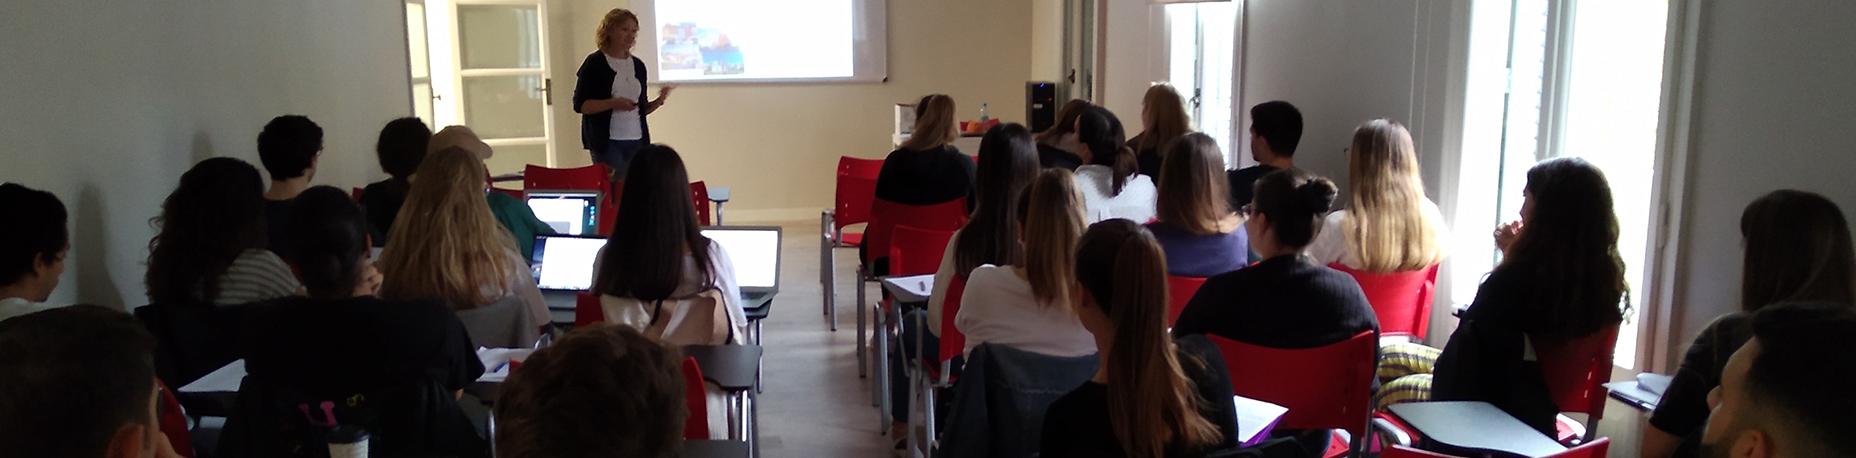 Visita Erasmus de la professora Agnieska Knap-Stefaniuk | Escola Universitària Formatic Barcelona